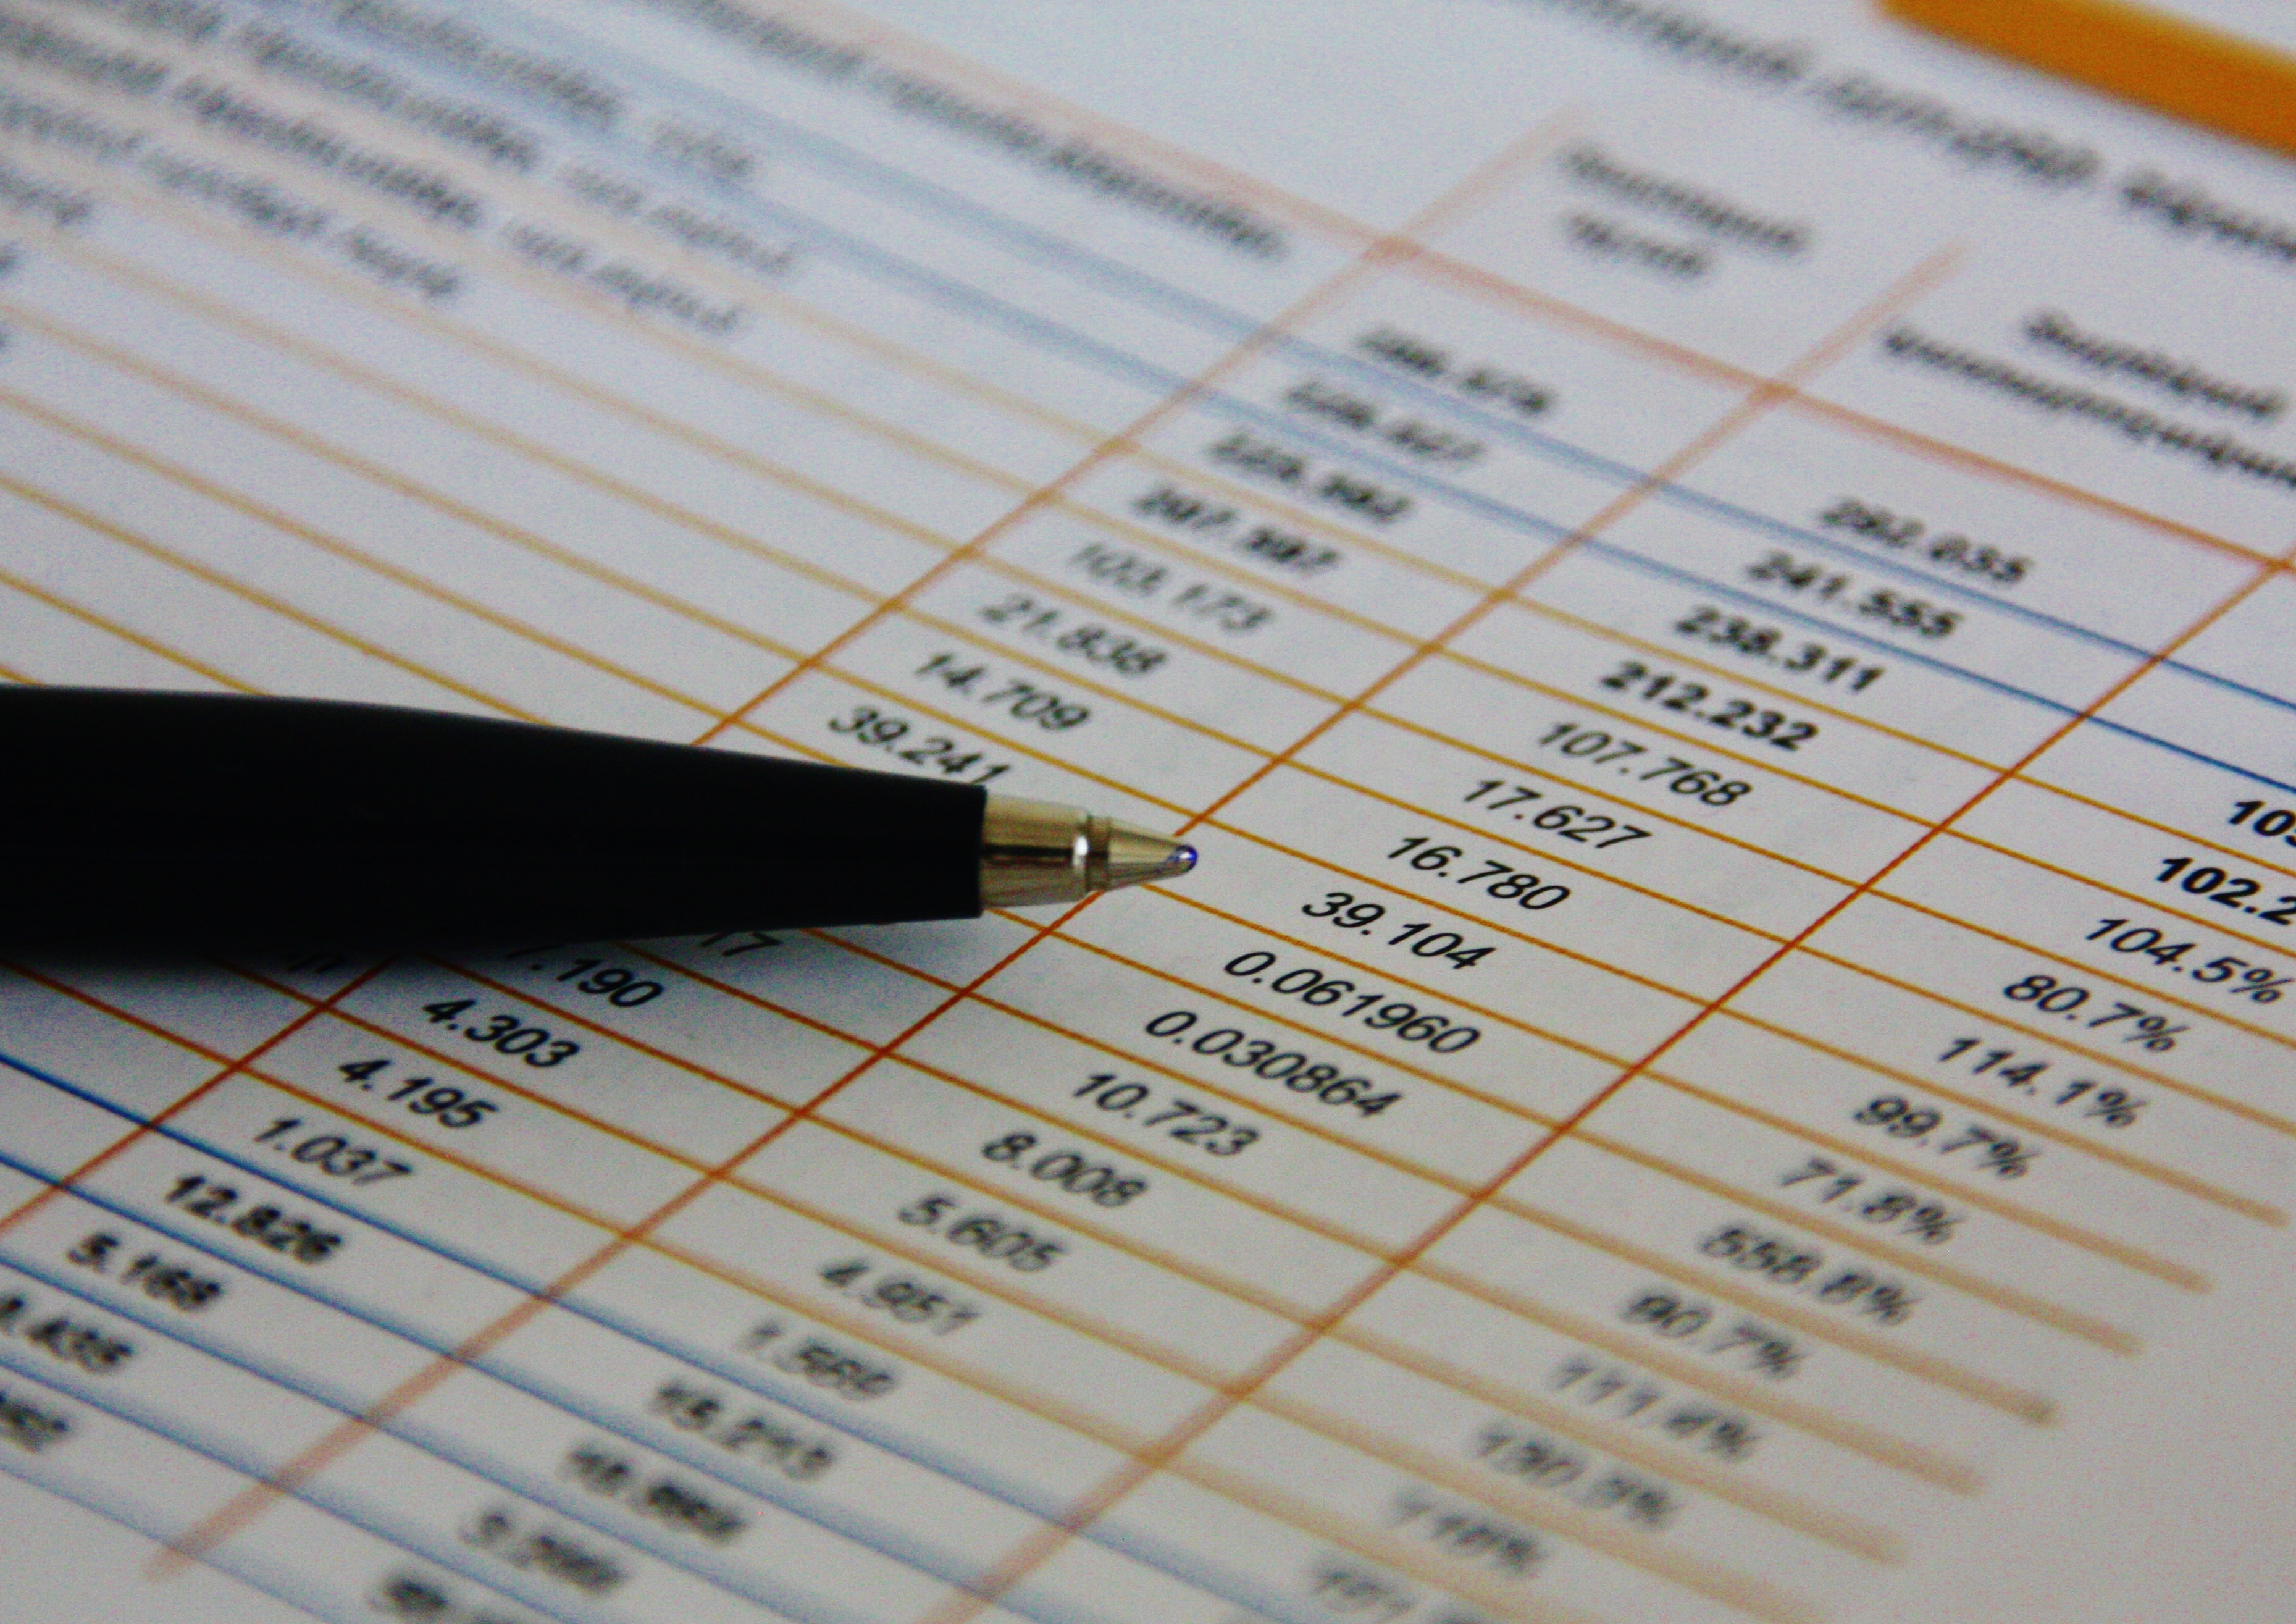 2018թ. հունվար-հուլիսին Հայաստանում Տնտեսական Ակտիվության Ցուցանիշն աճել է 9.3%-ով